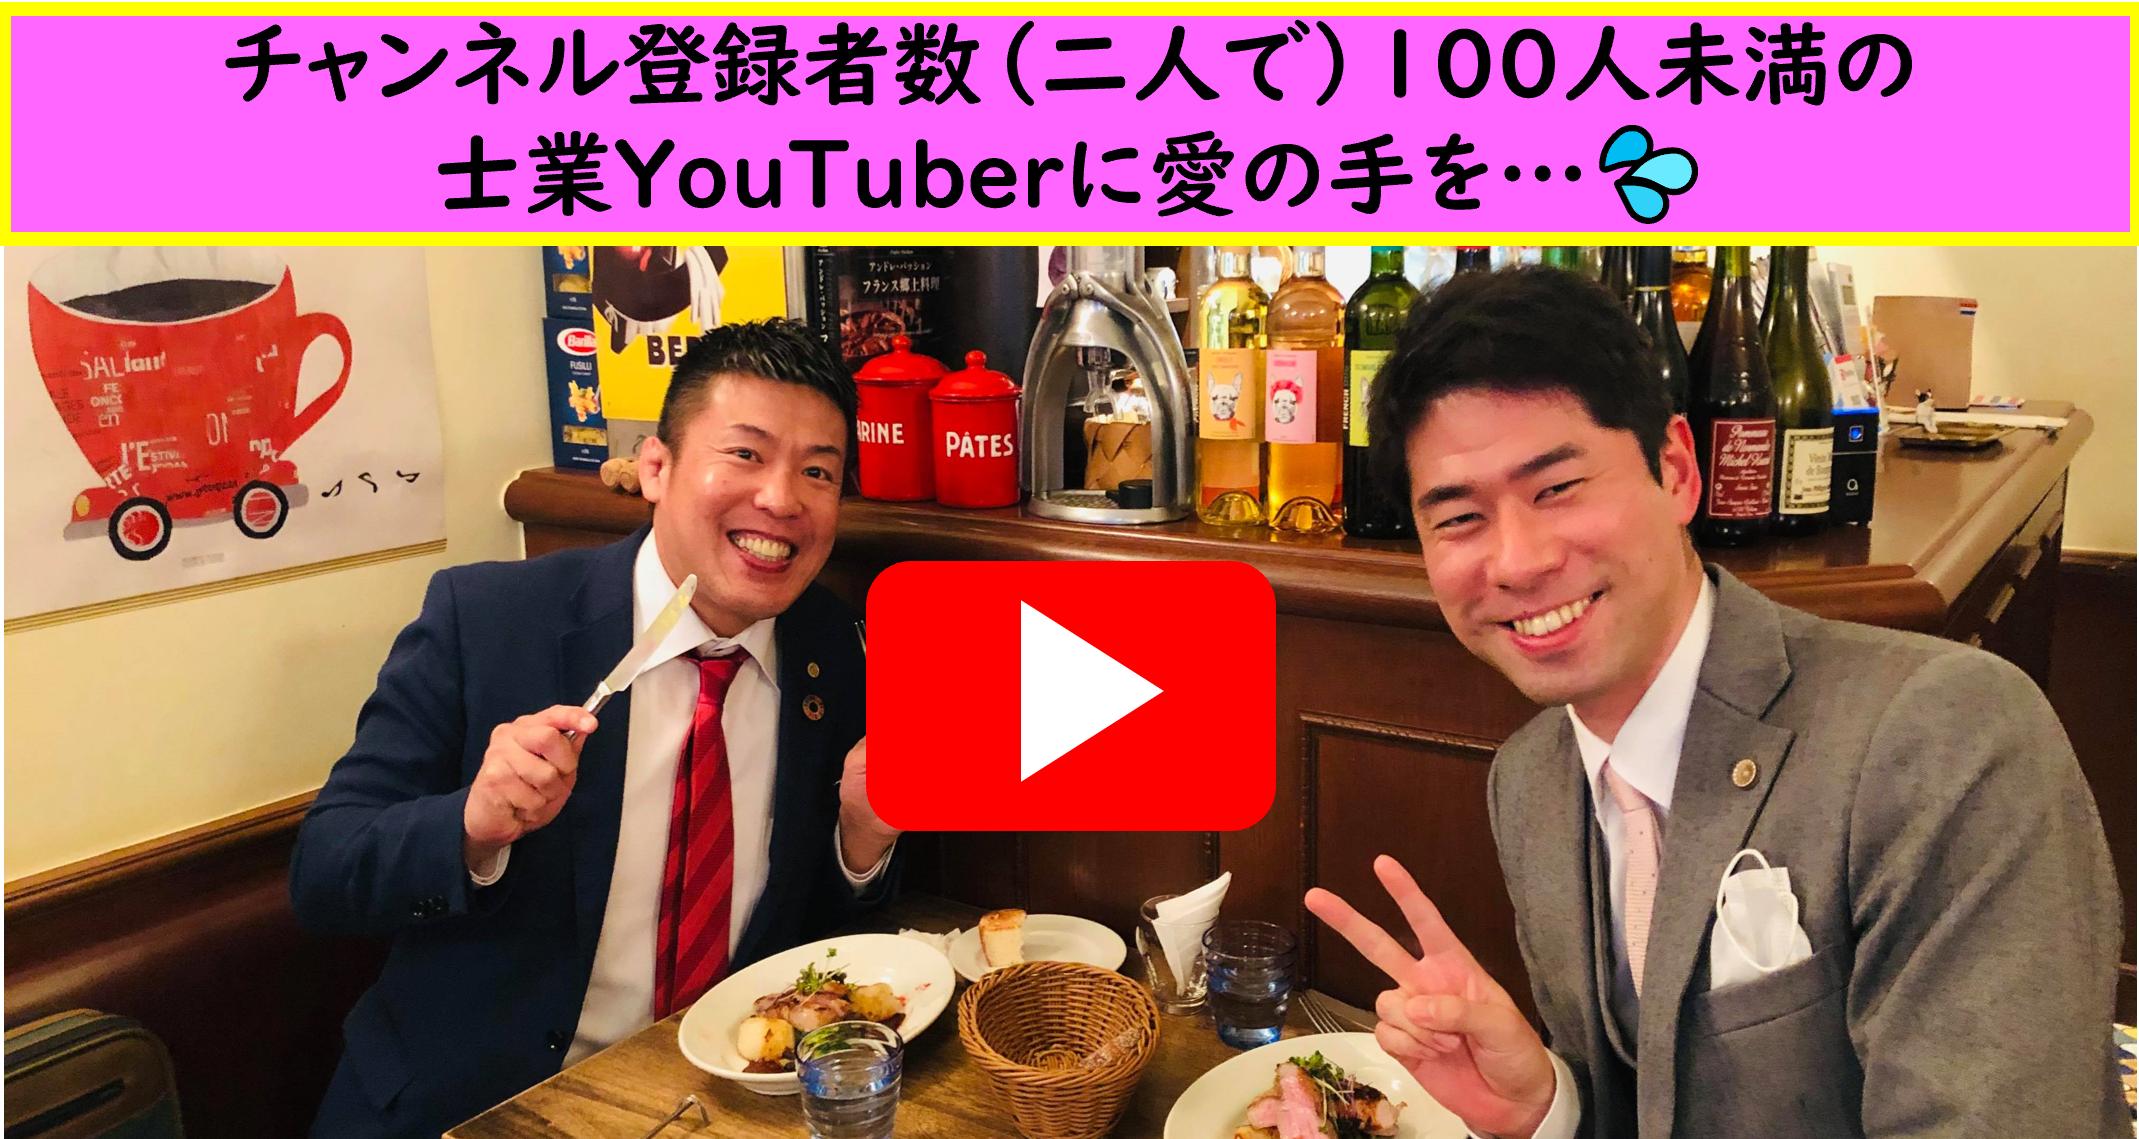 士業YouTuber